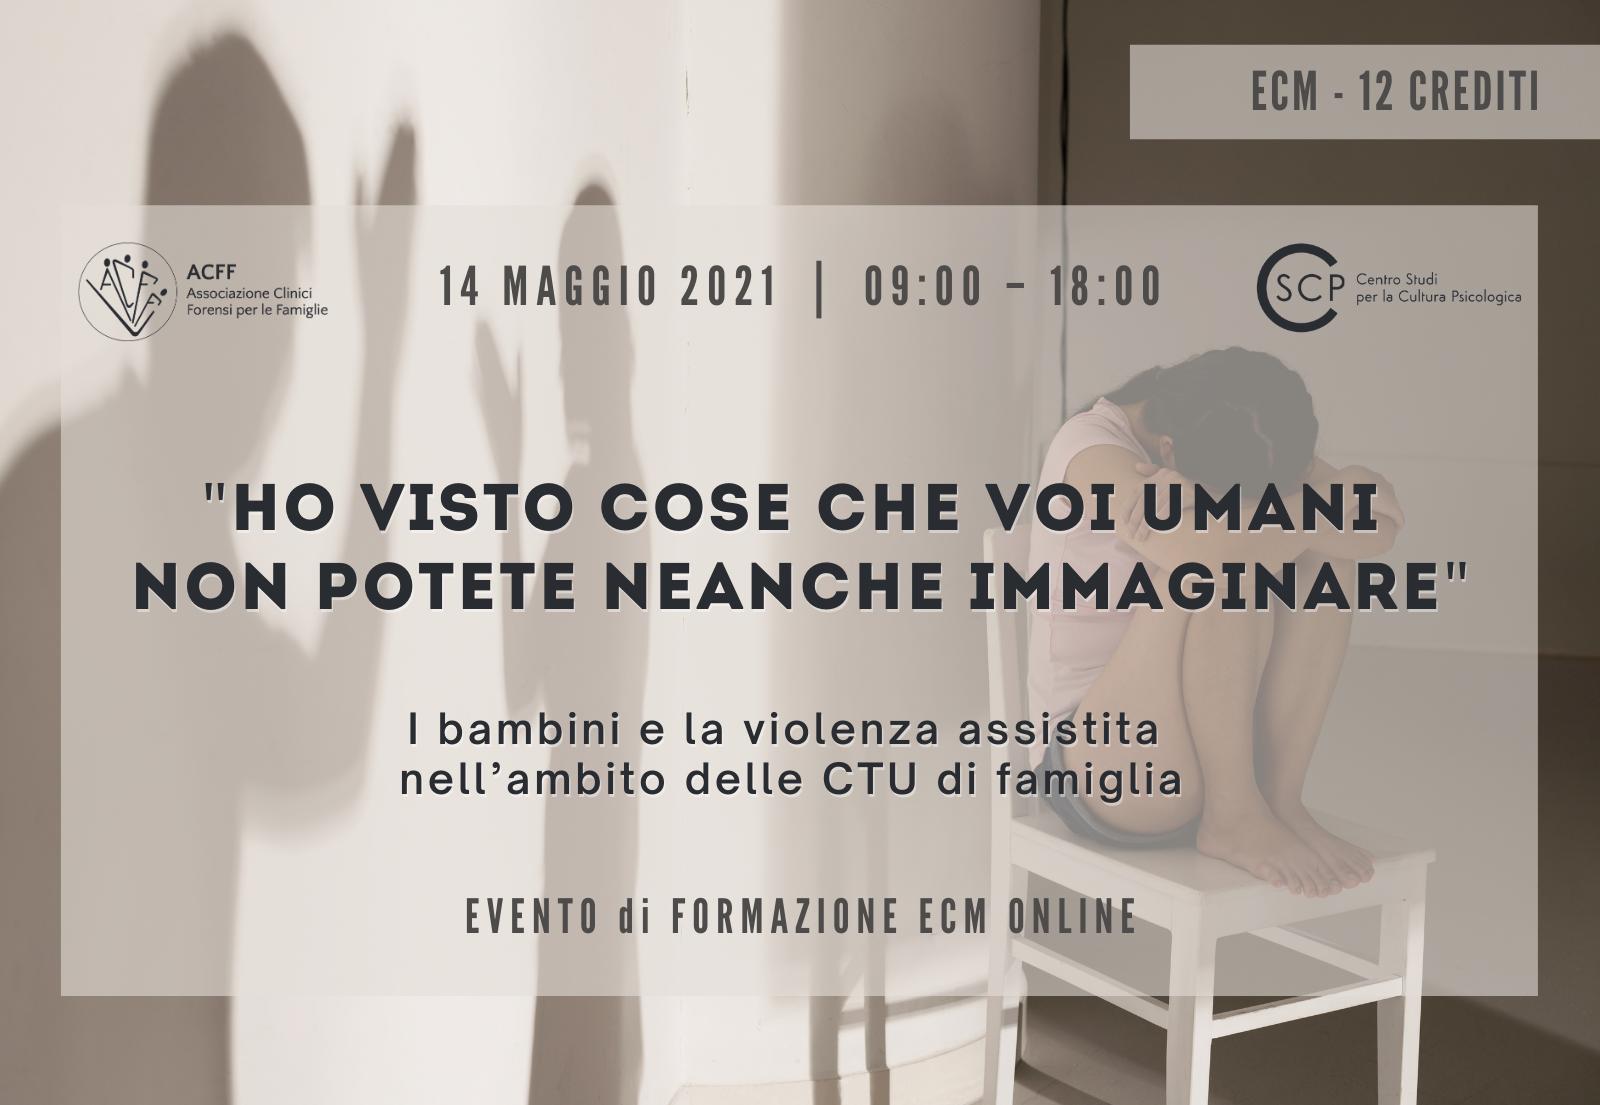 I bambini e la violenza assistita nell'ambito delle CTU di famiglia • 14/05 • ECM 12